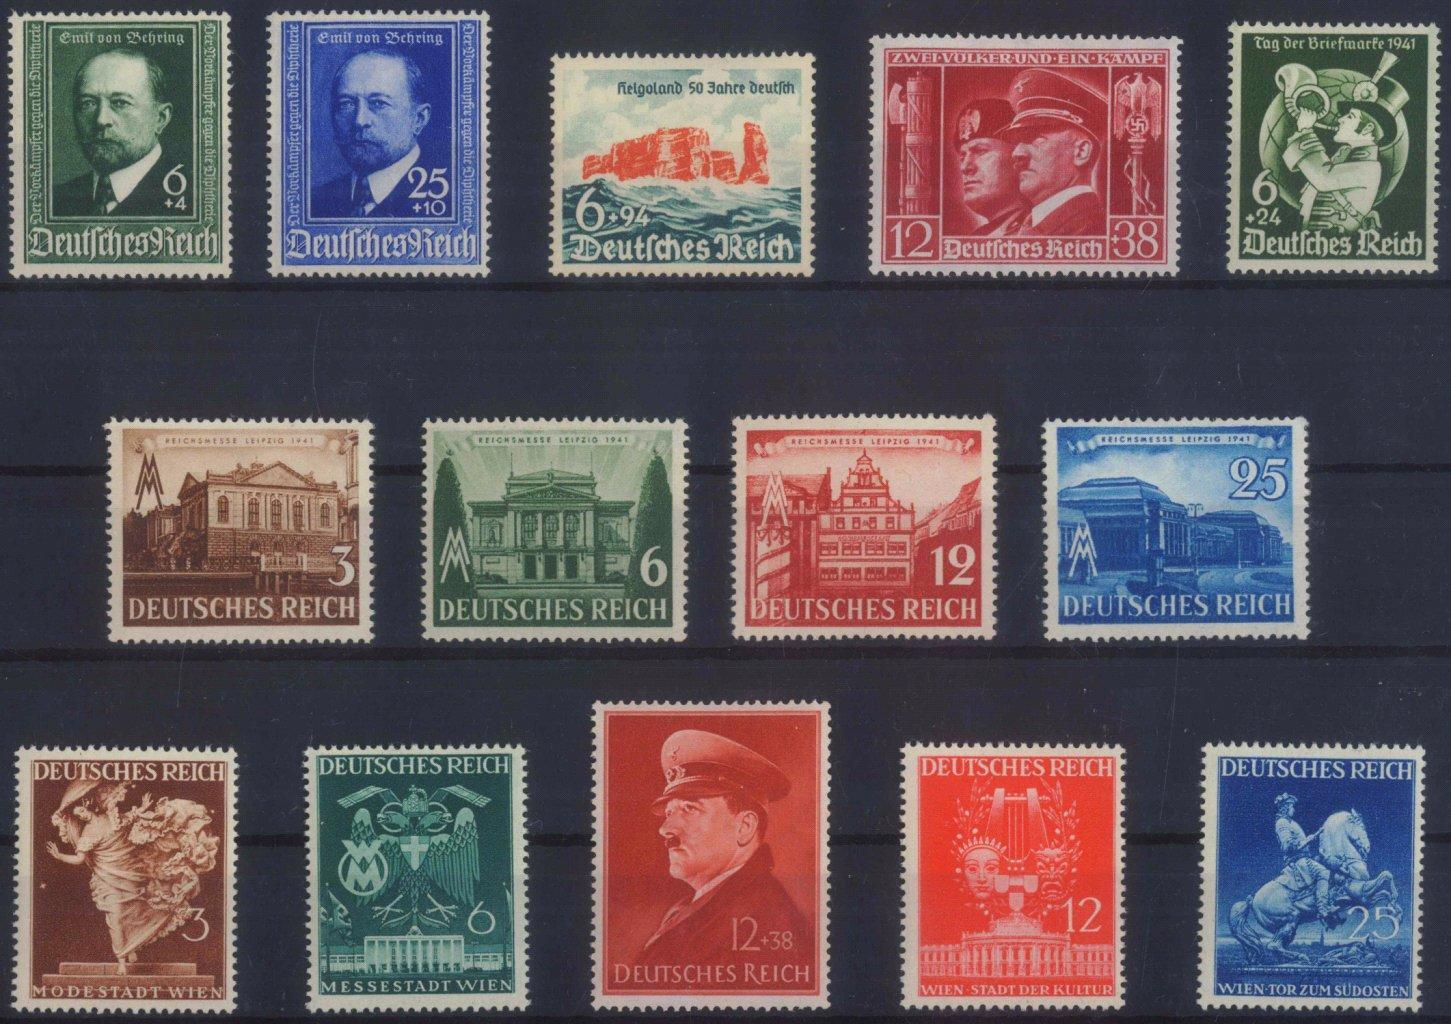 III. REICH 1940/1941, sieben komplette Ausgaben